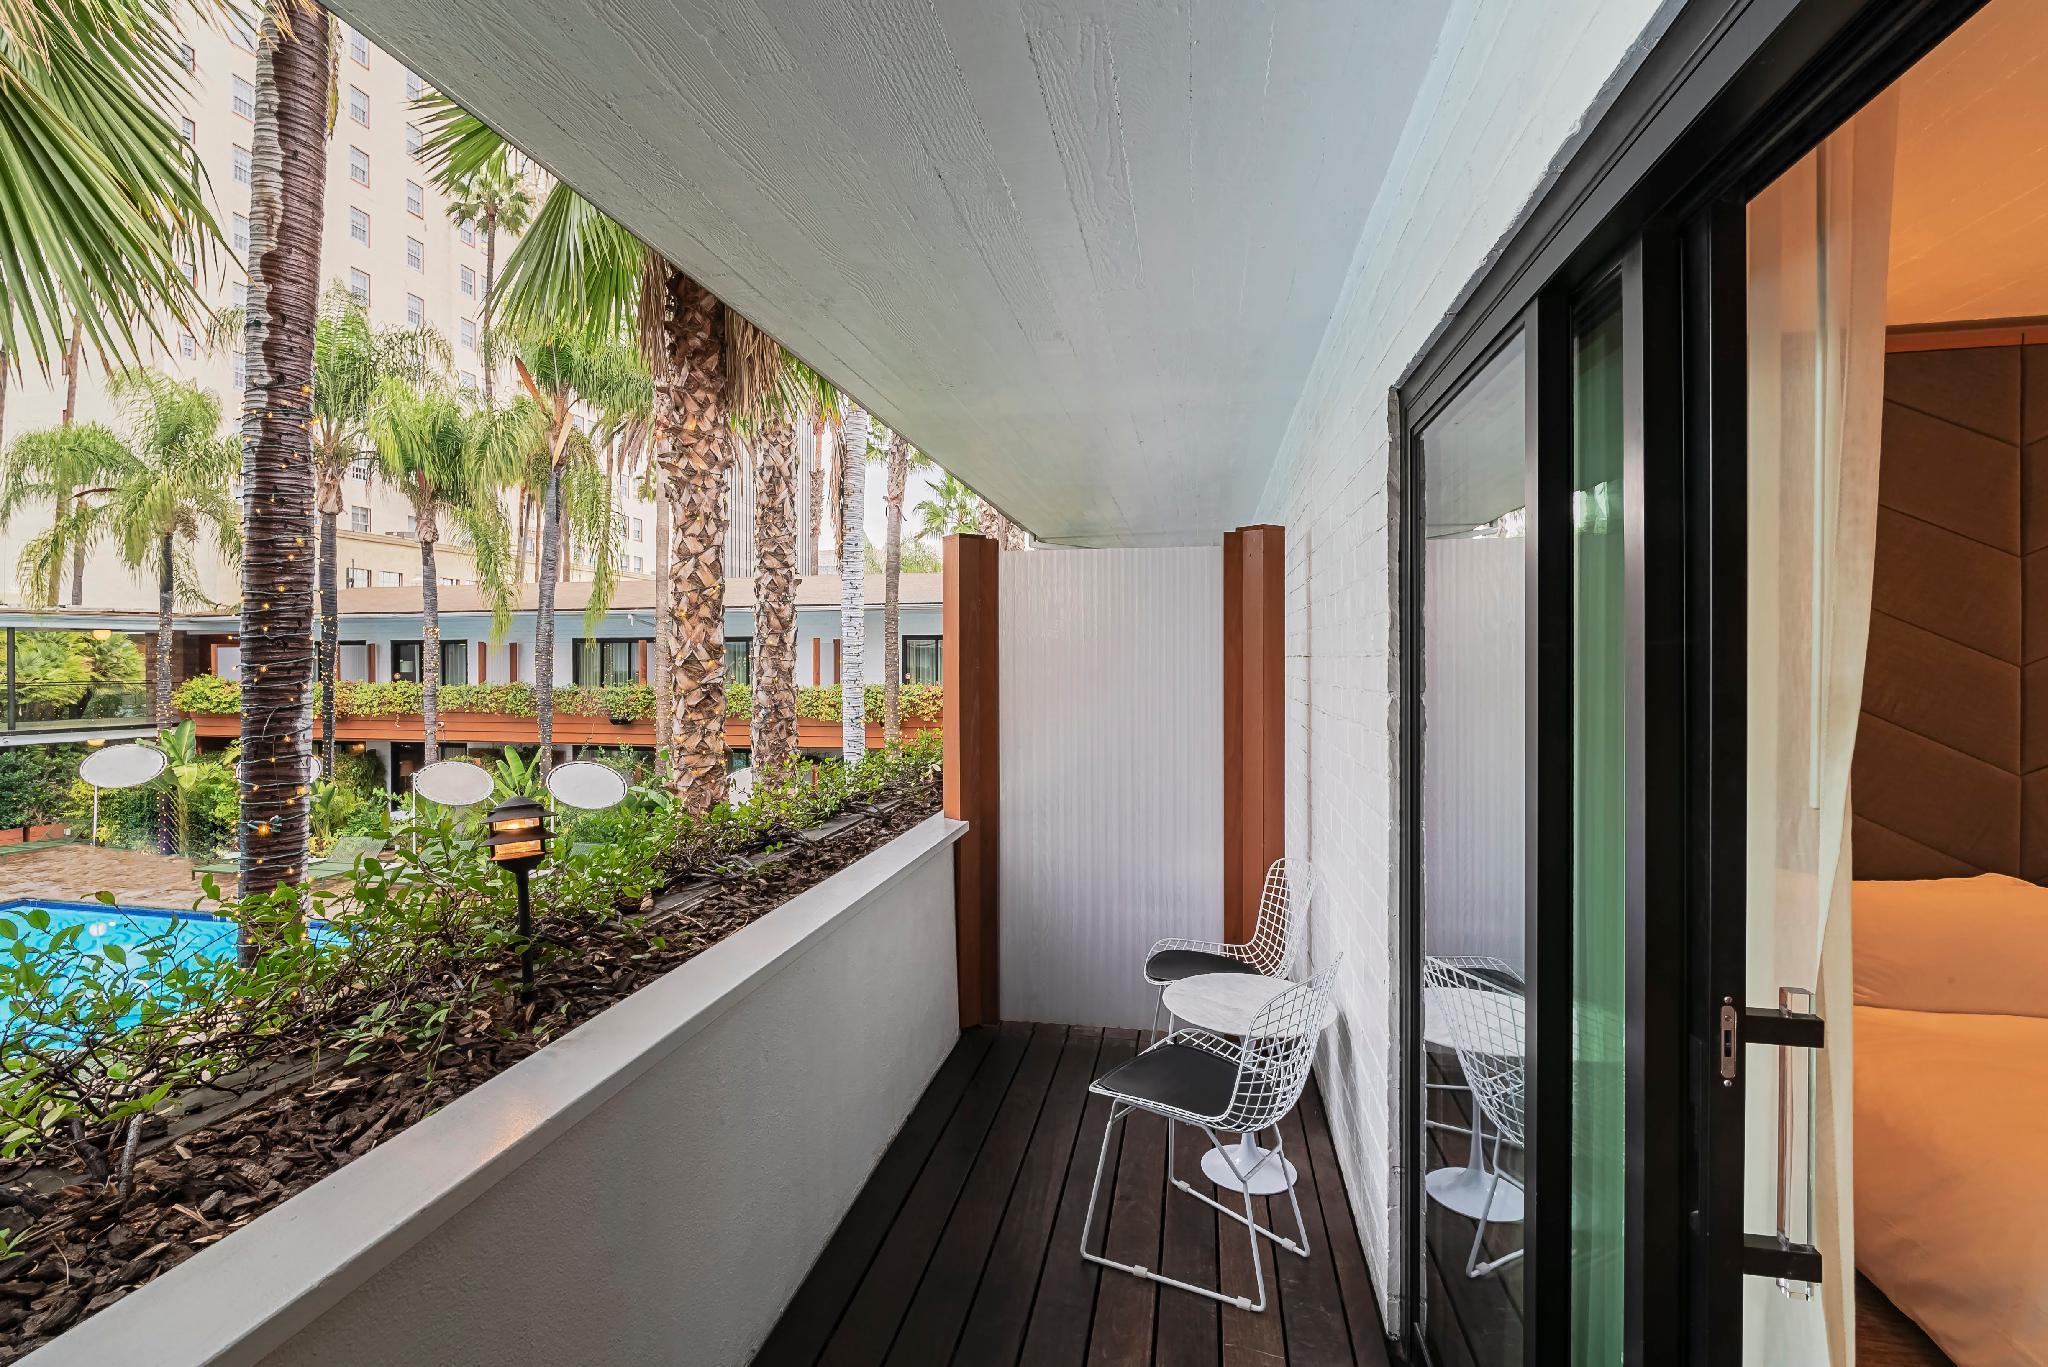 Cabana Balcony Room